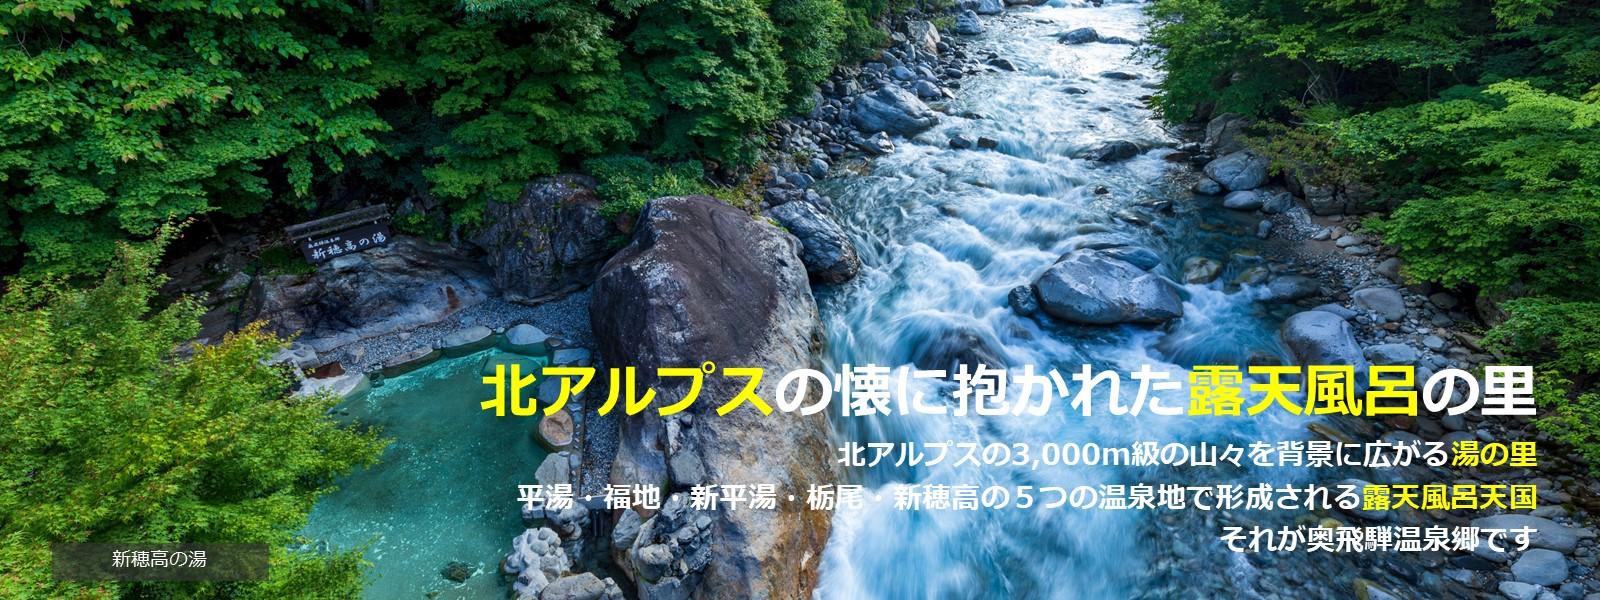 奥飛騨温泉郷   新穂高の湯